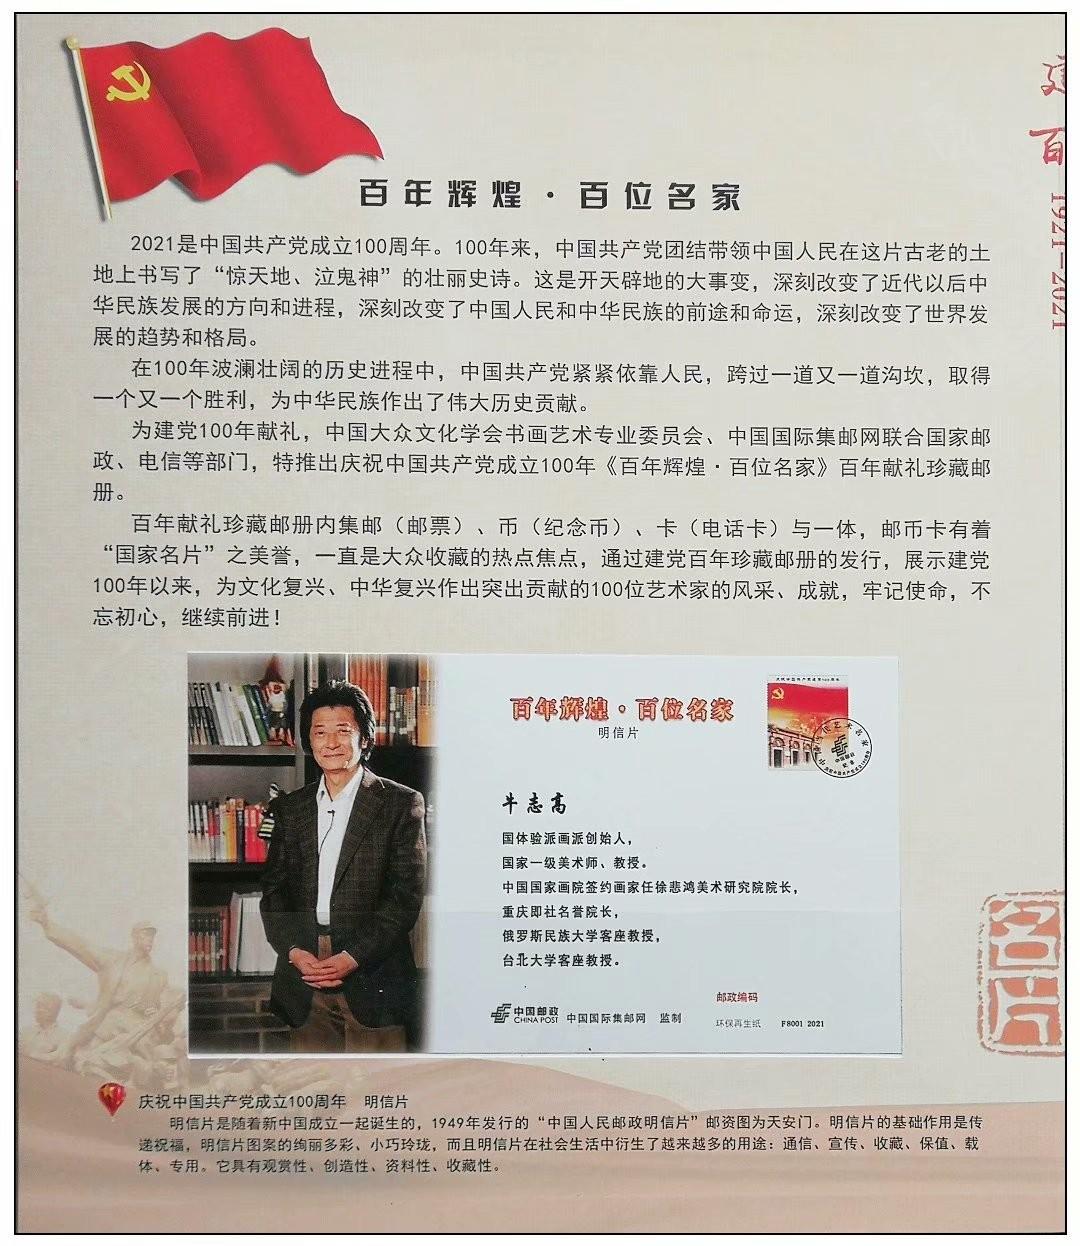 庆祝中国共产党成立100周年---牛志高书画集邮册面世2021.03.15_图1-6